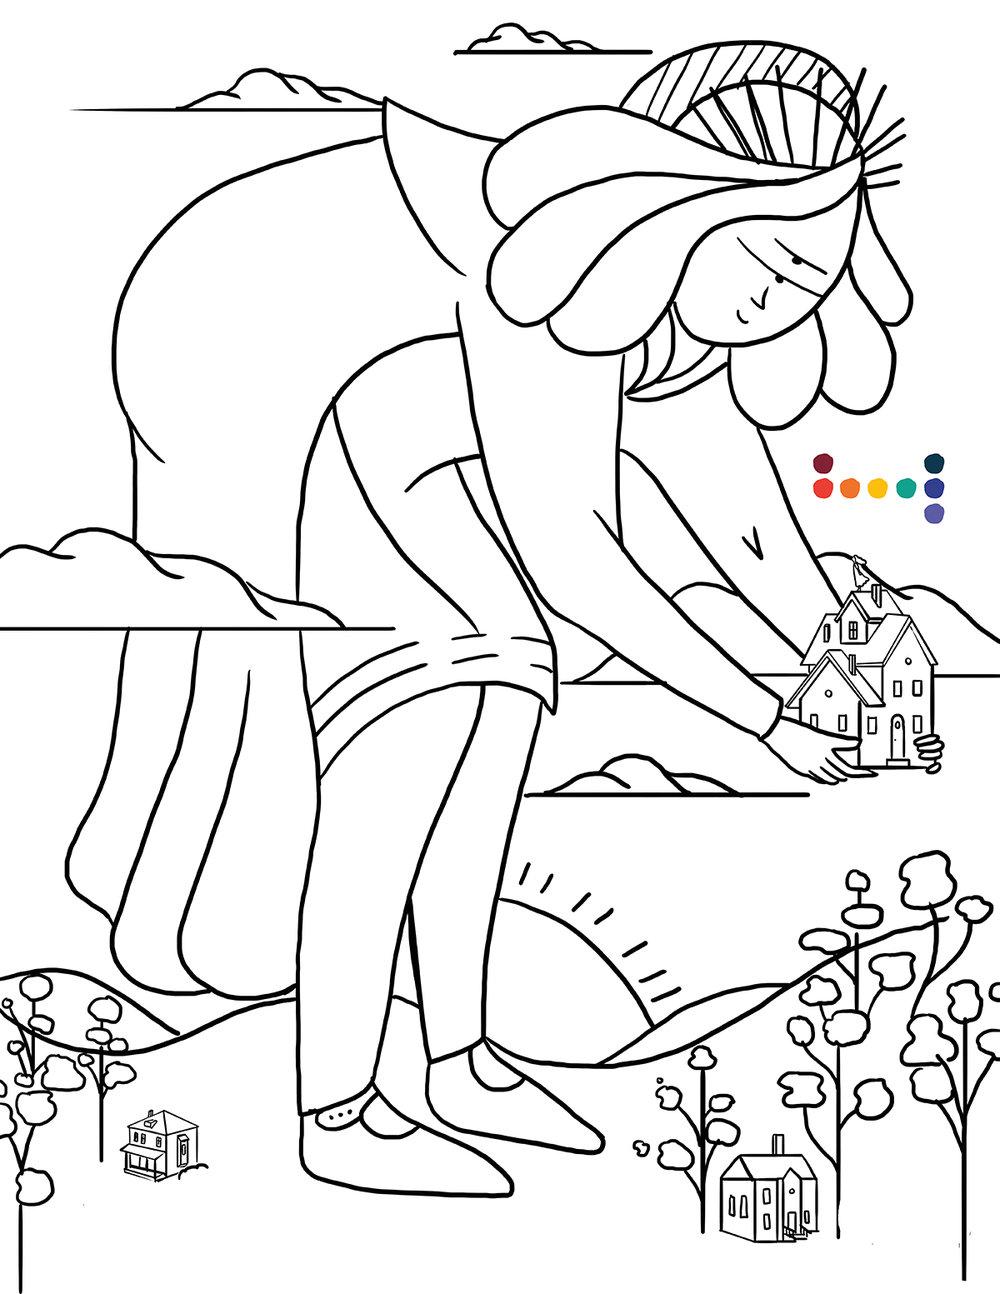 WIP Sketch.jpg